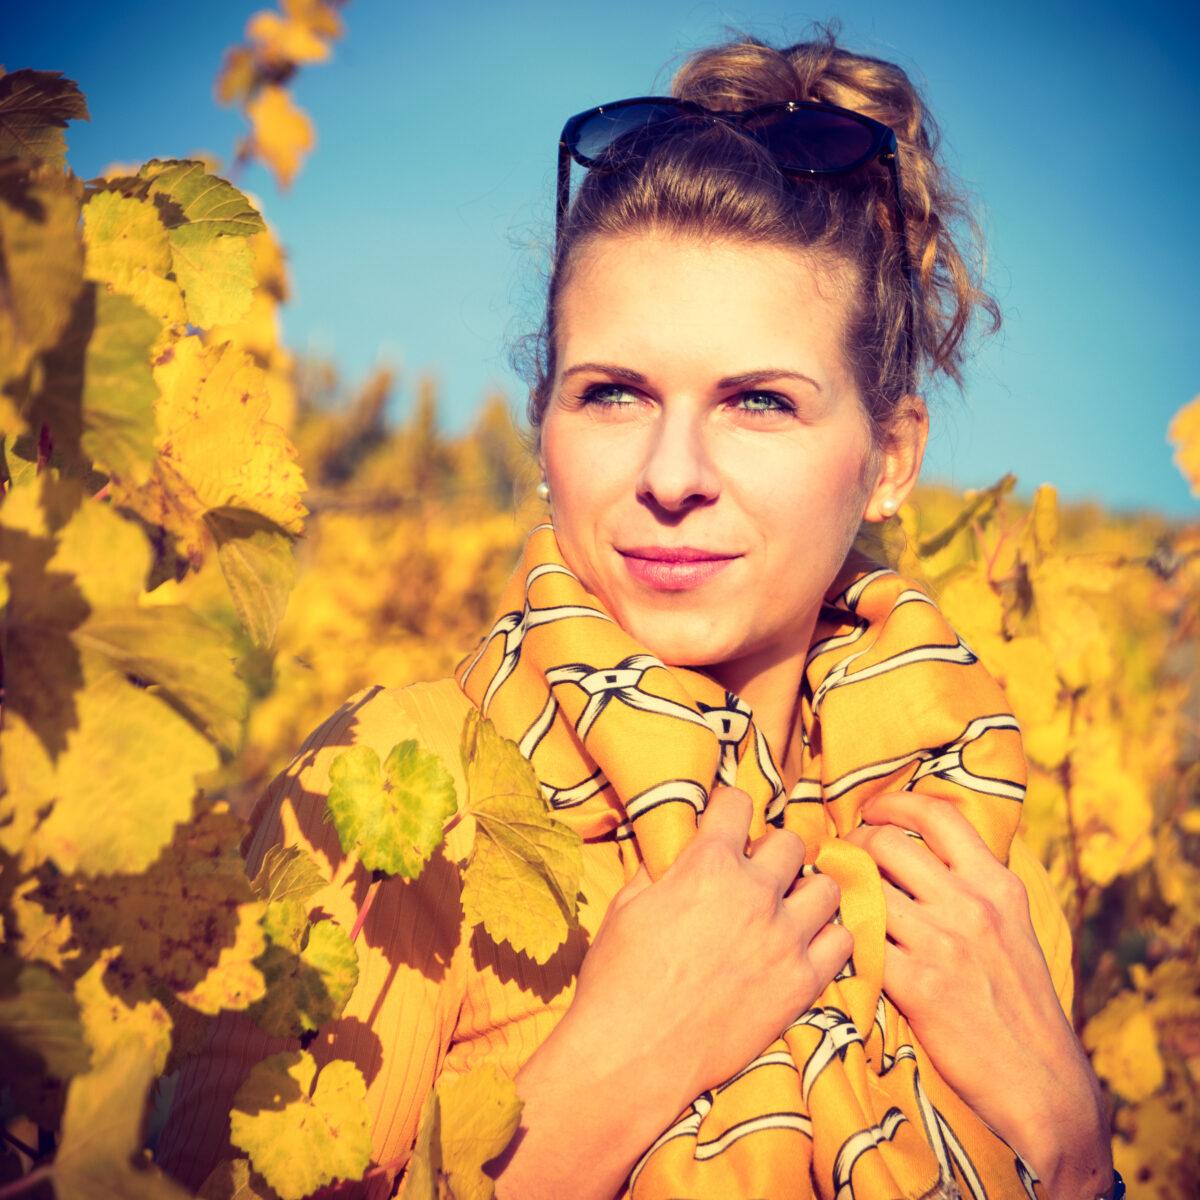 Fotoshooting mit Sophie im Herbst